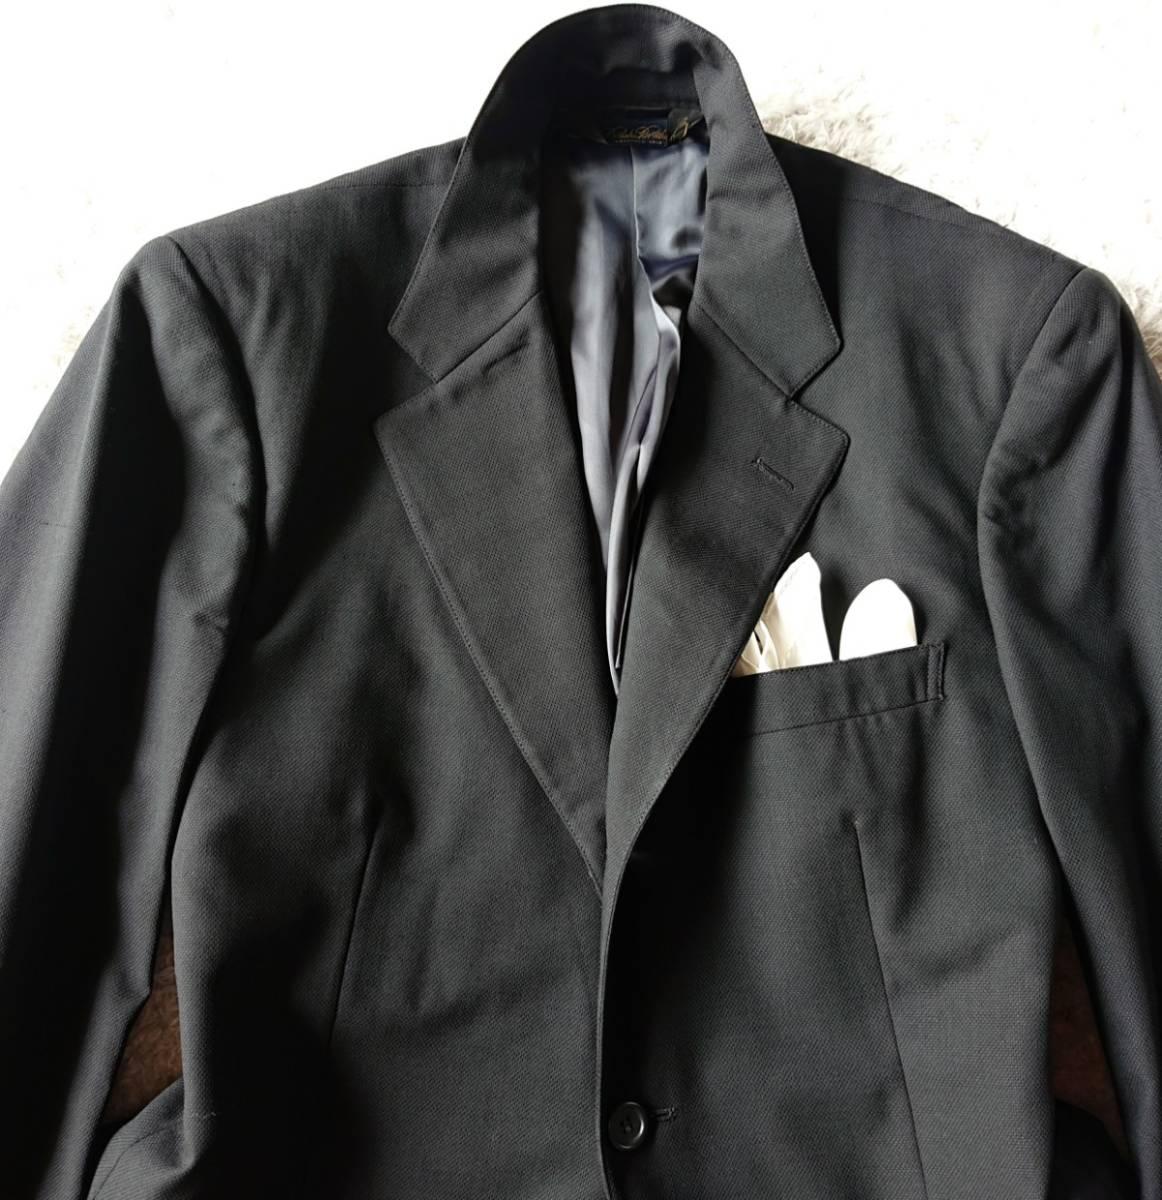 高級ピュアニューウール100% 日本製 予備パンツ付き★ ブルックス ブラザーズ スーツ セットアップ メンズ ブラック 黒 ビジネス 背抜き_画像3